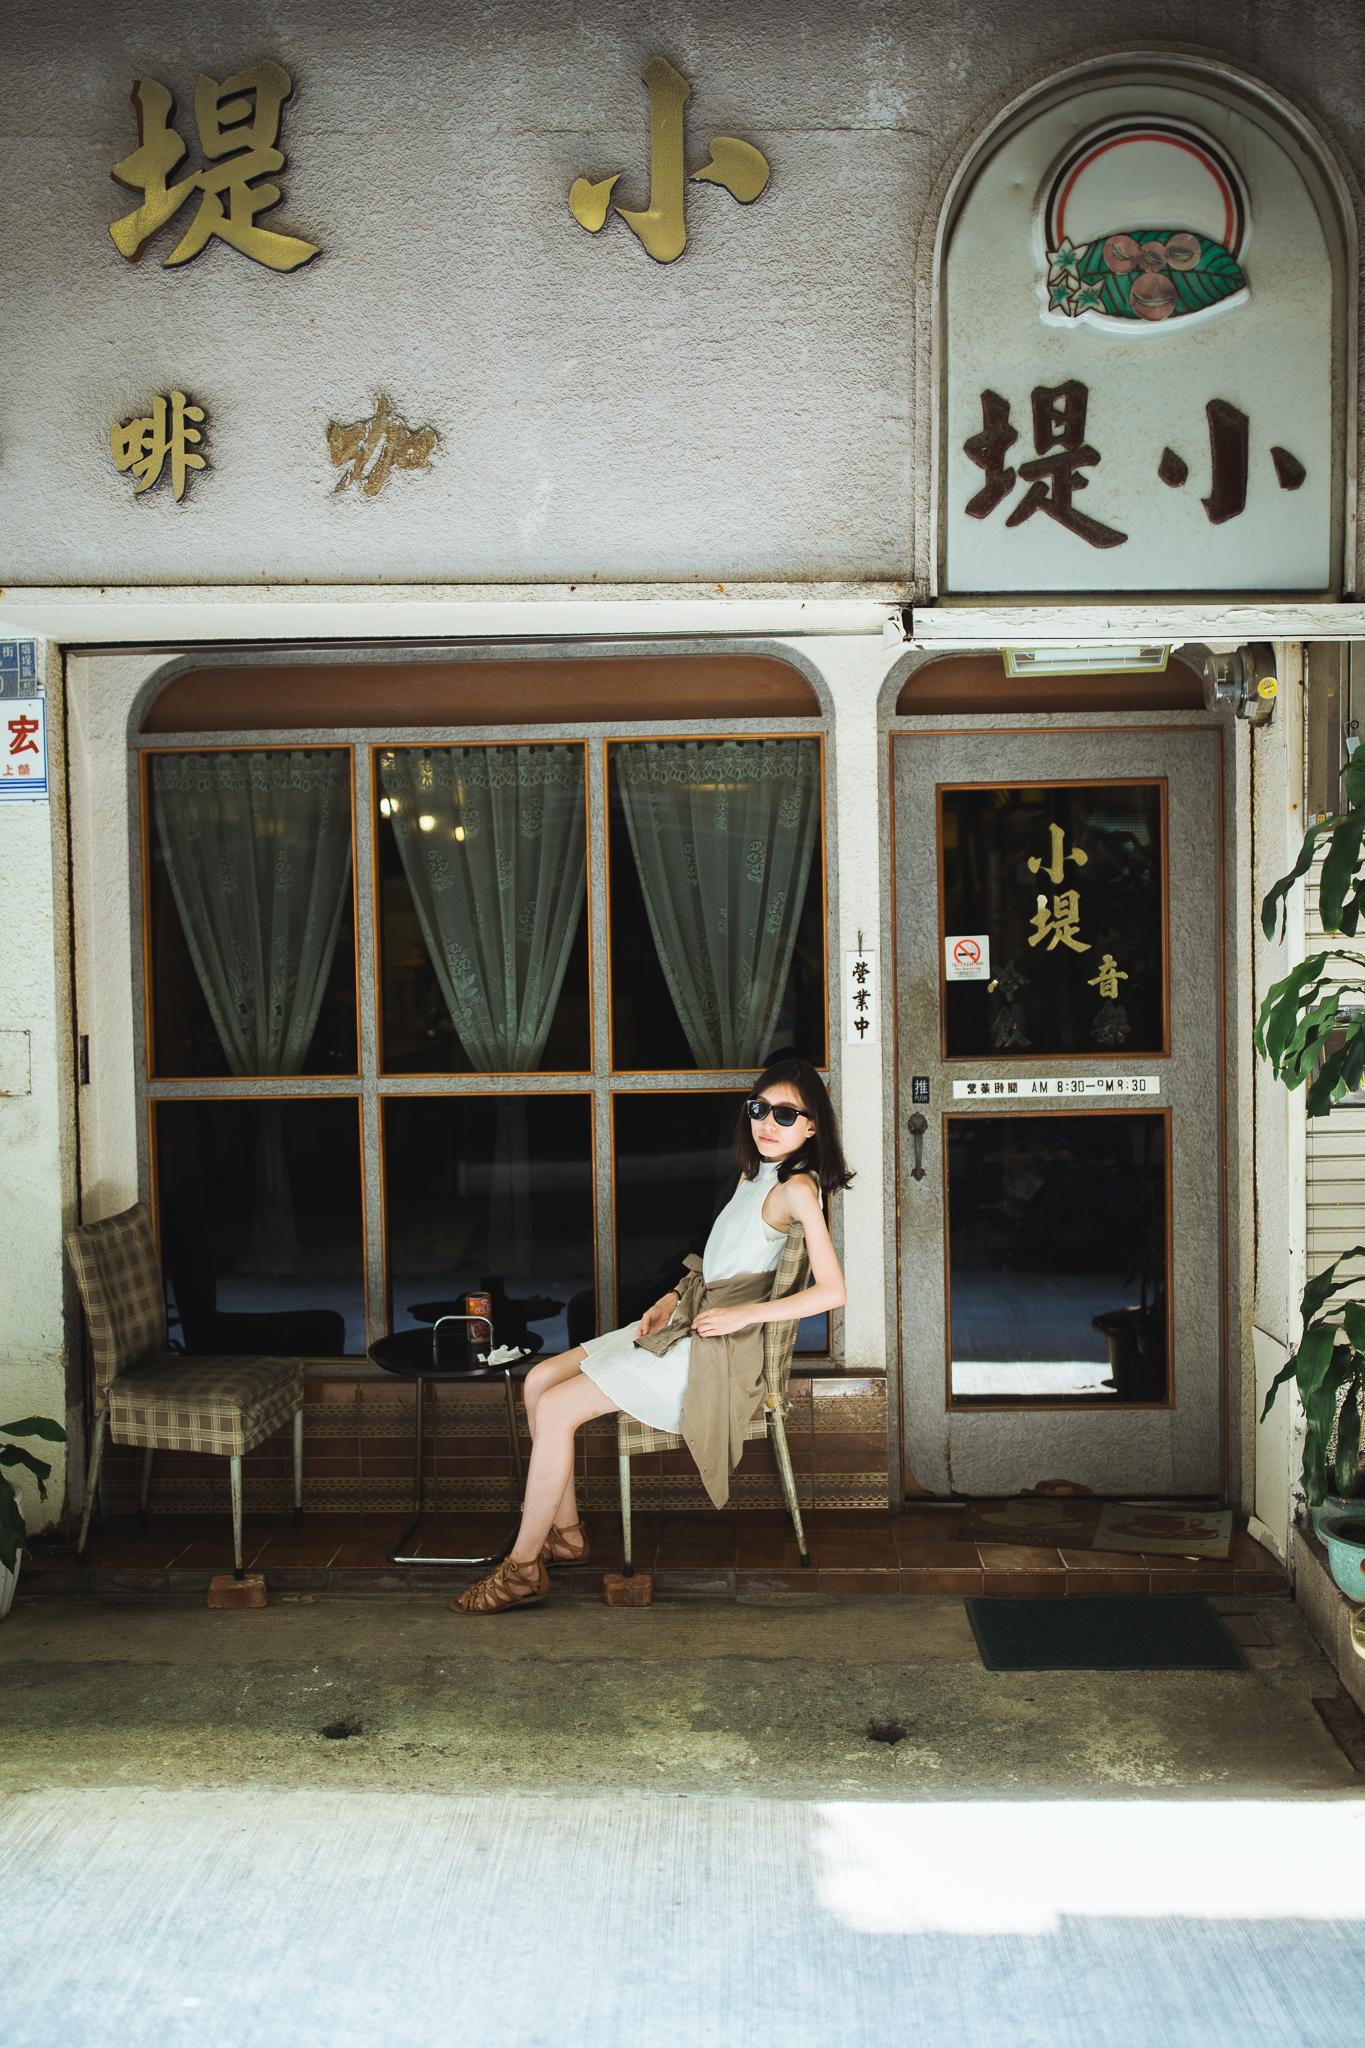 王天悅_WuzPhotography_Small_20160926_253.jpg